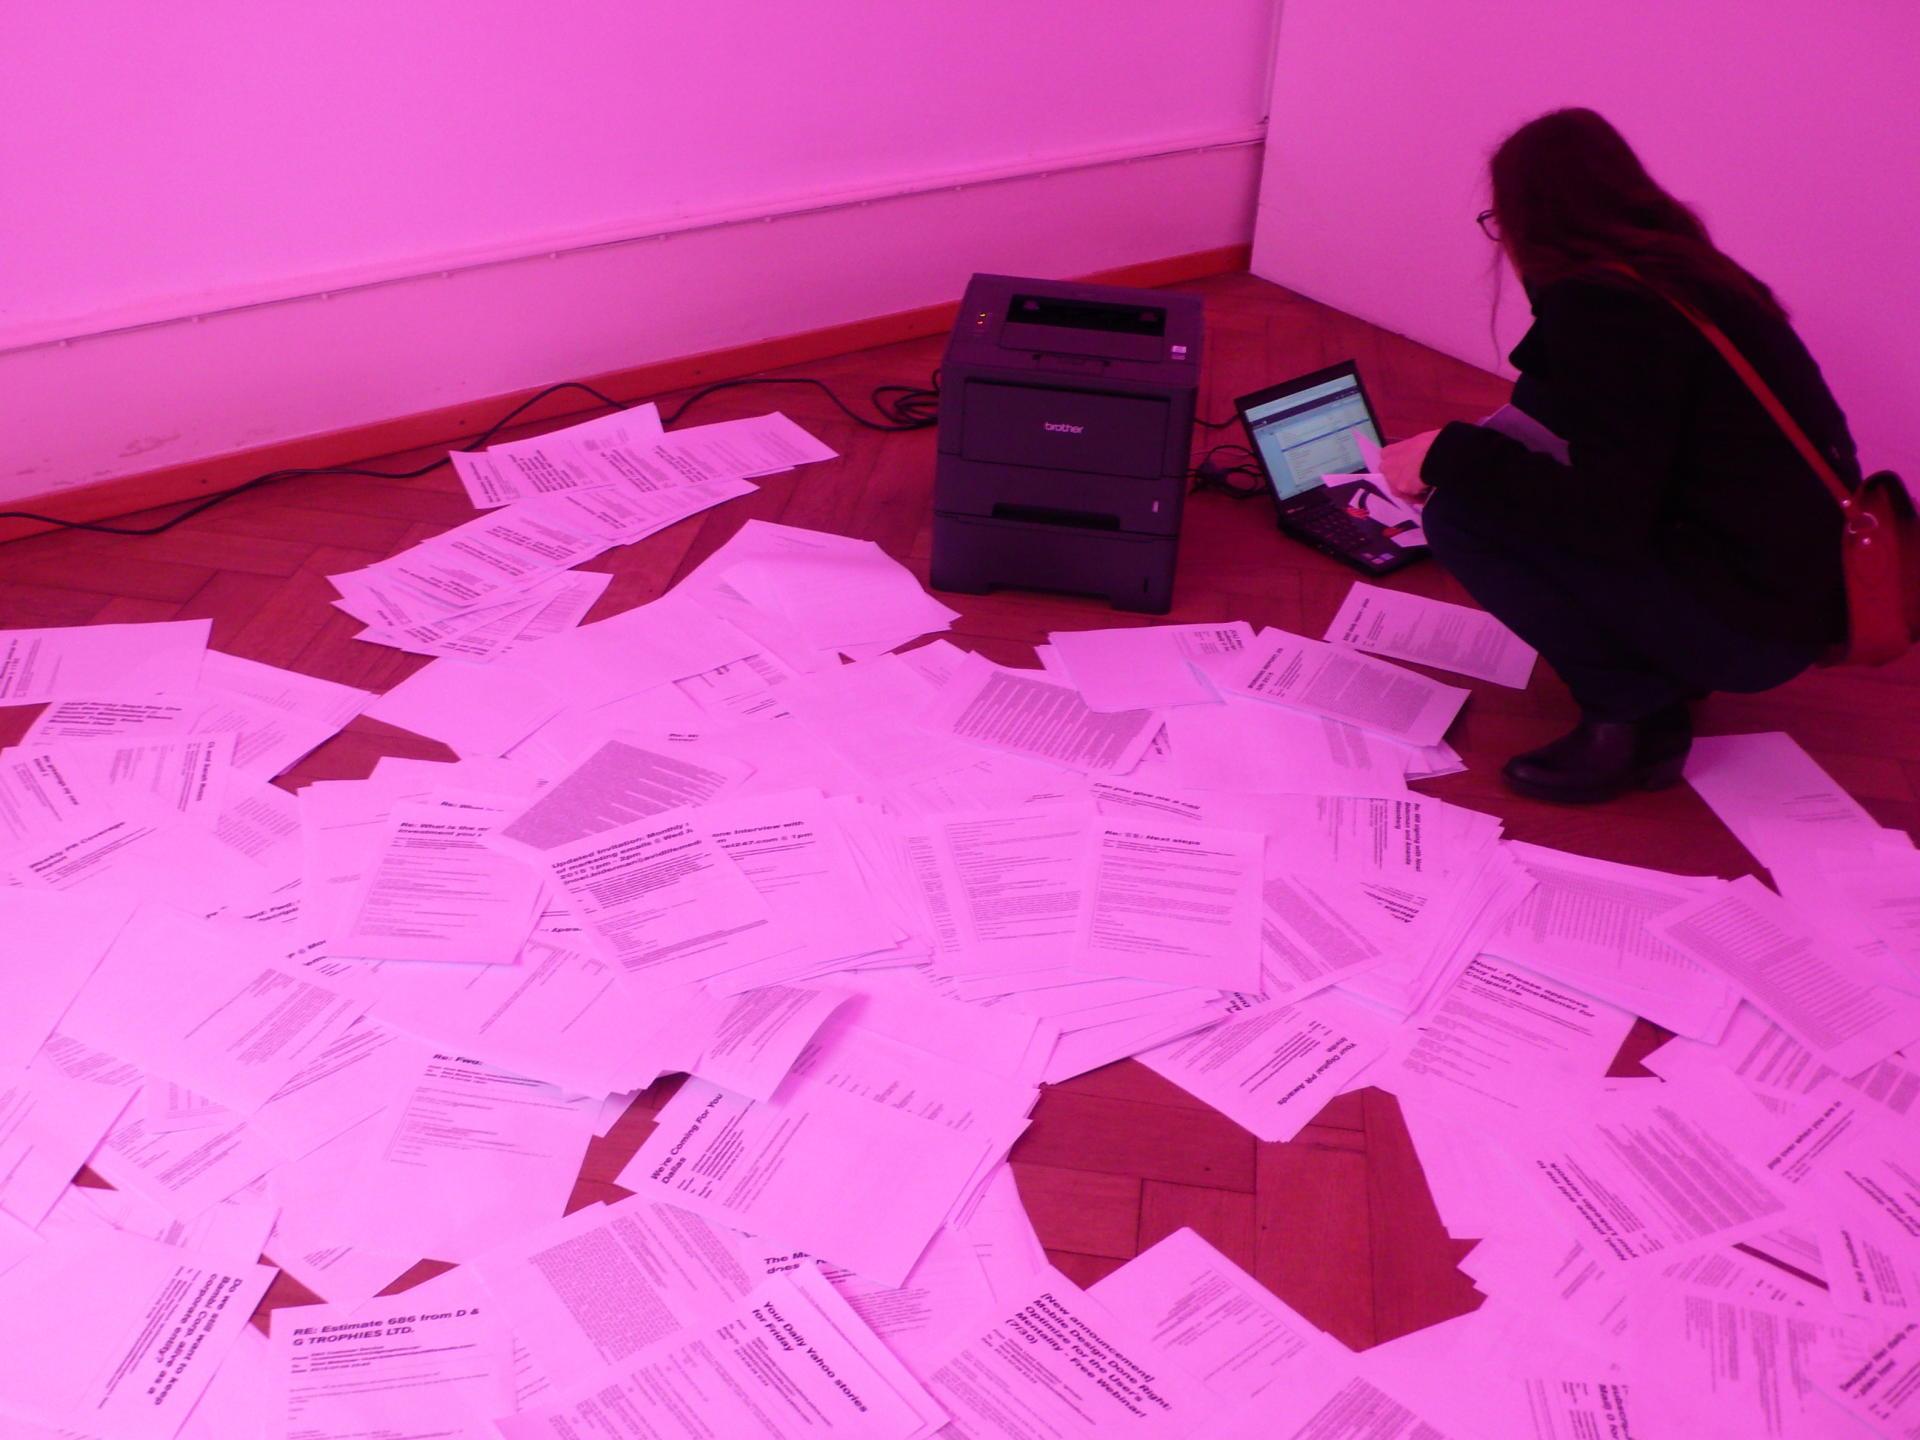 Une partie des fichiers dérobés à Ashley Madison, qu'il est possible d'imprimer dans l'exposition.